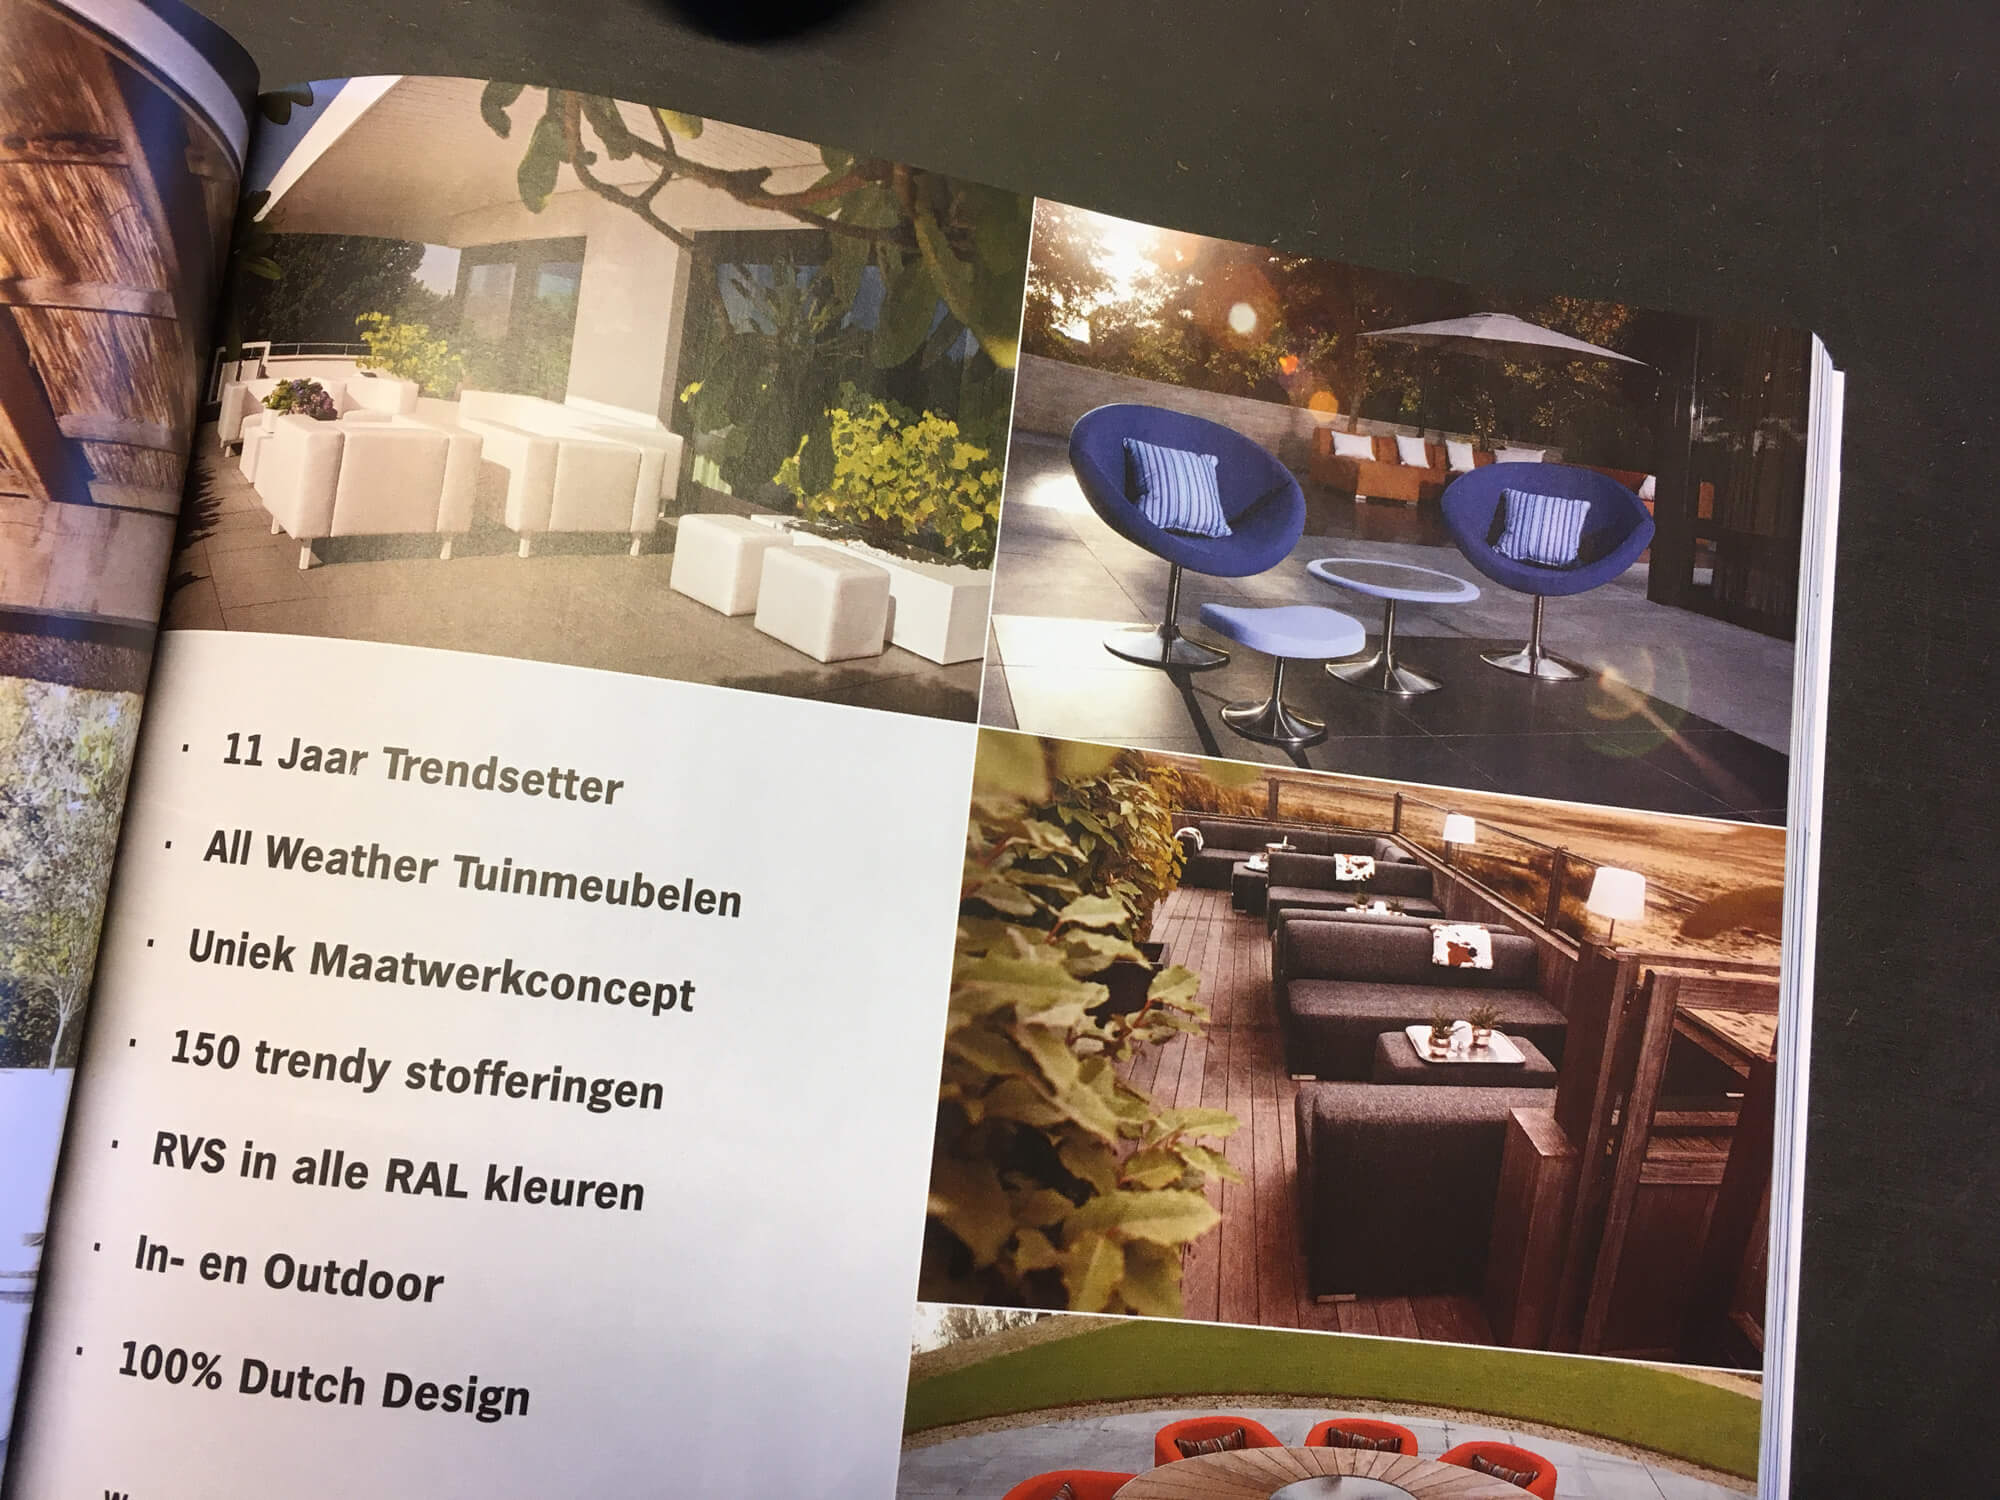 Design chill in stijlvol wonen ernst baas tuininrichting